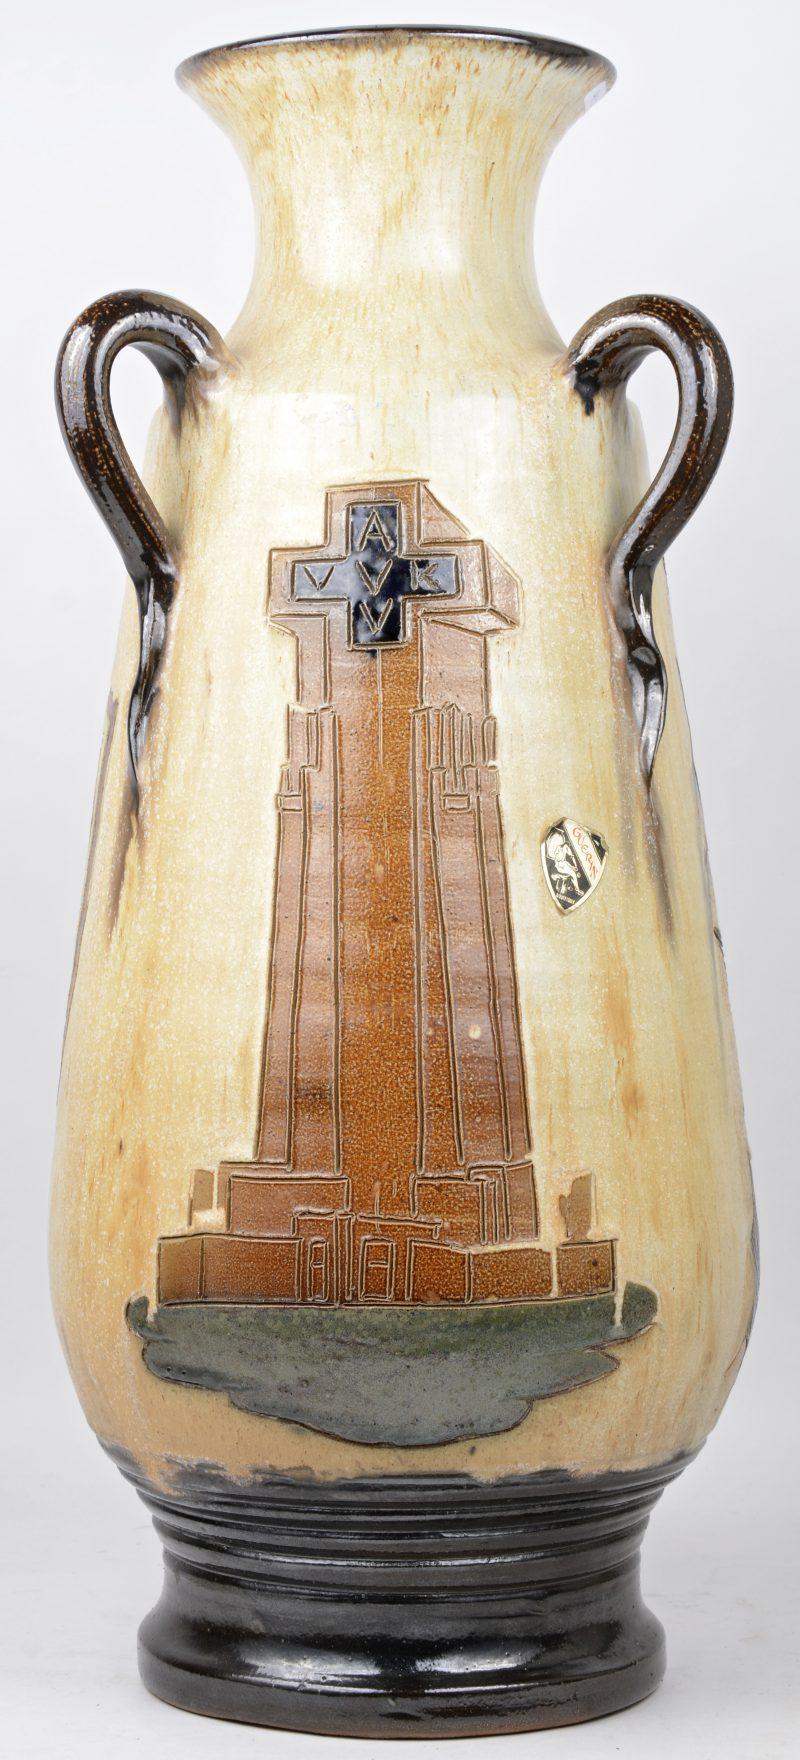 Een grote vaas van Vlaams aardewerk met een decor van een vredesduif, de Ijzertoren en een Vlaamse leeuw. Onderaan gemerkt.